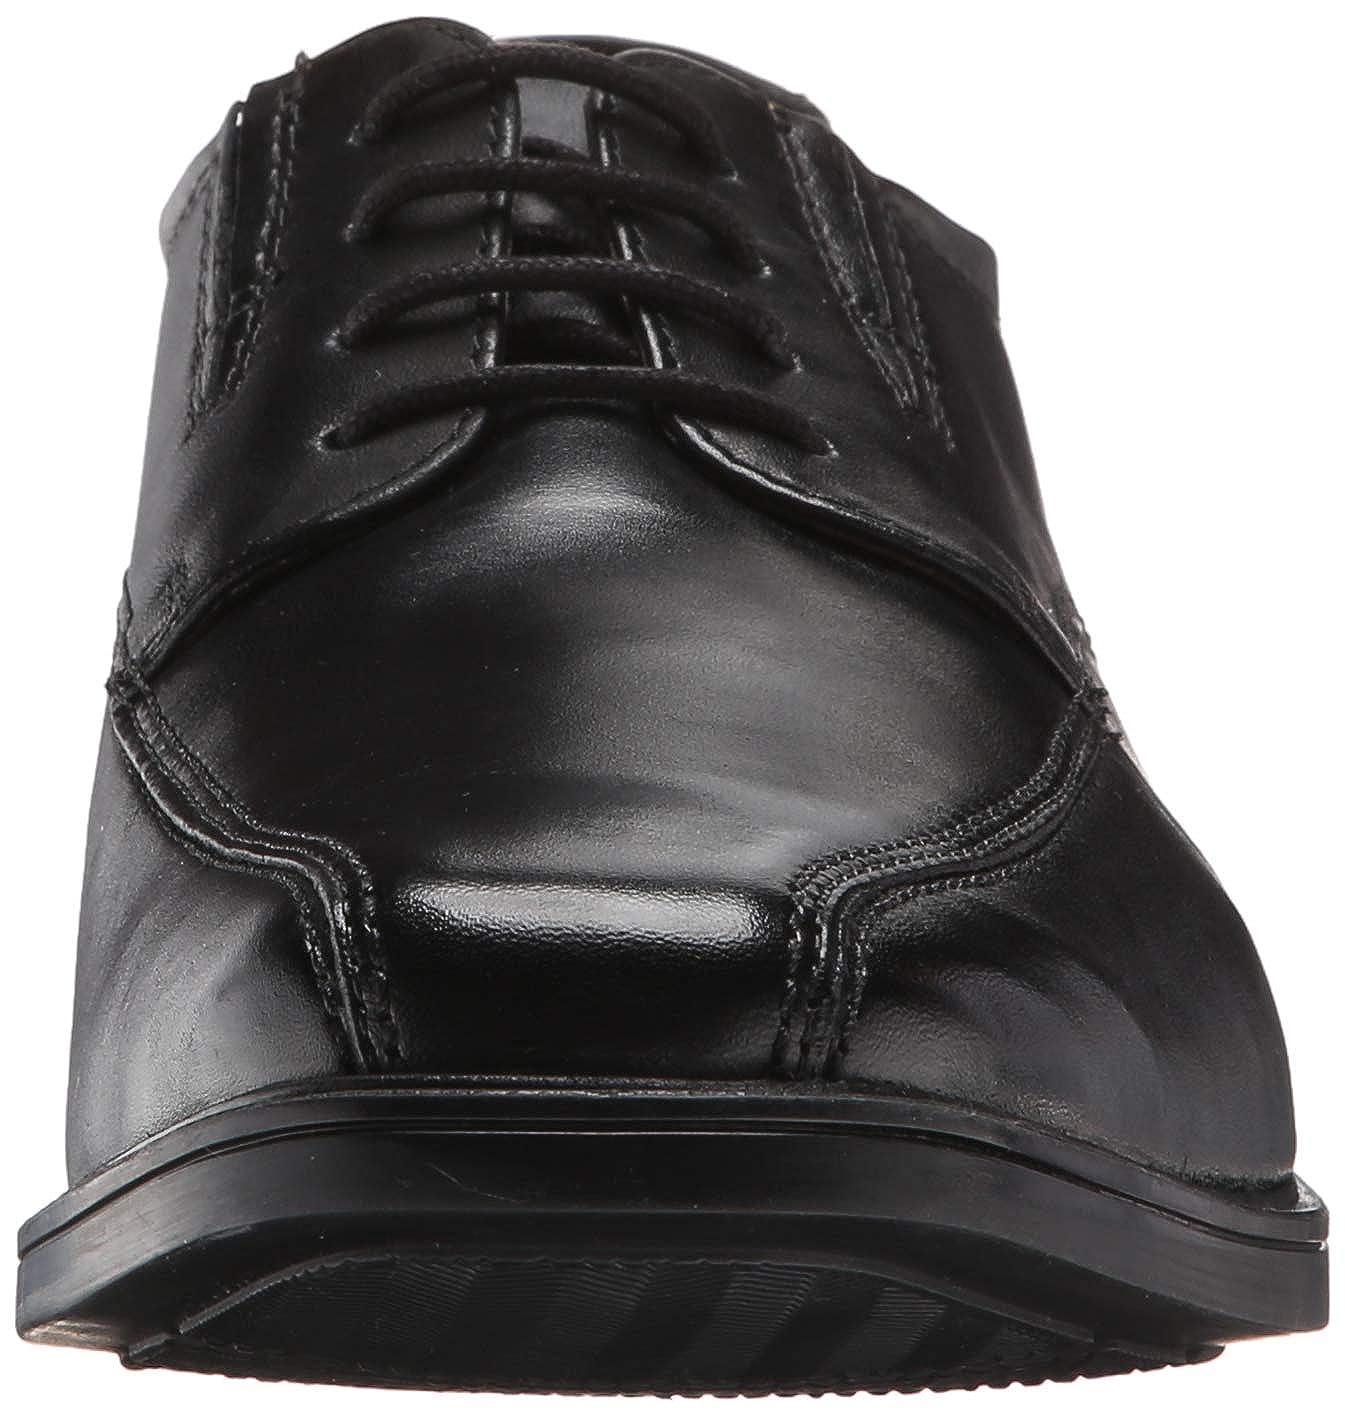 Clarks Tilden Walk Herren Derby schwarz Schnürhalbschuhe schwarz Derby d710a6